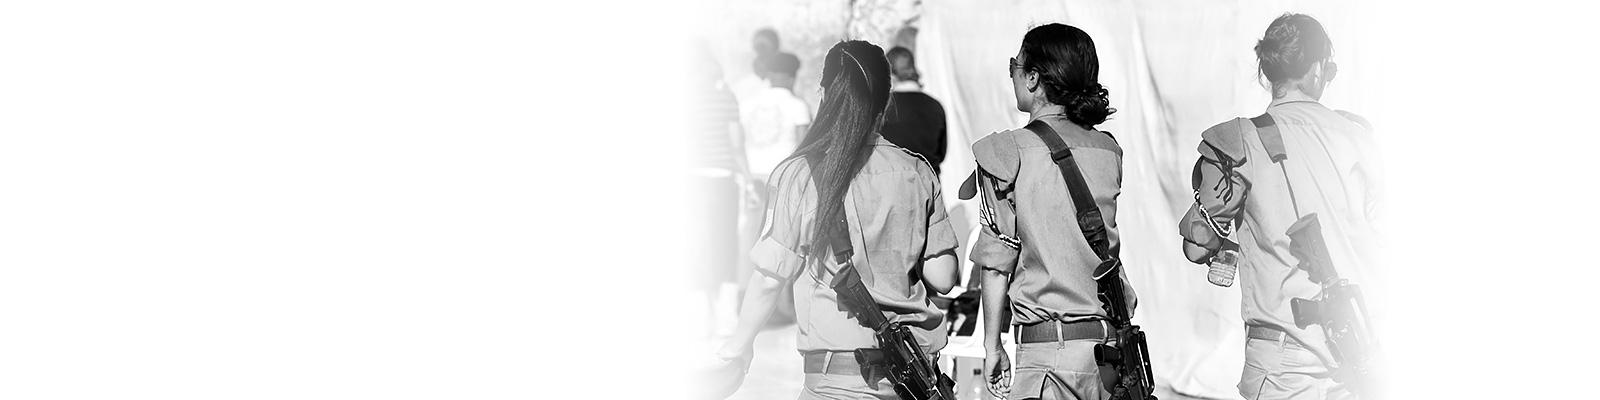 イスラエル 女性 兵士 イメージ